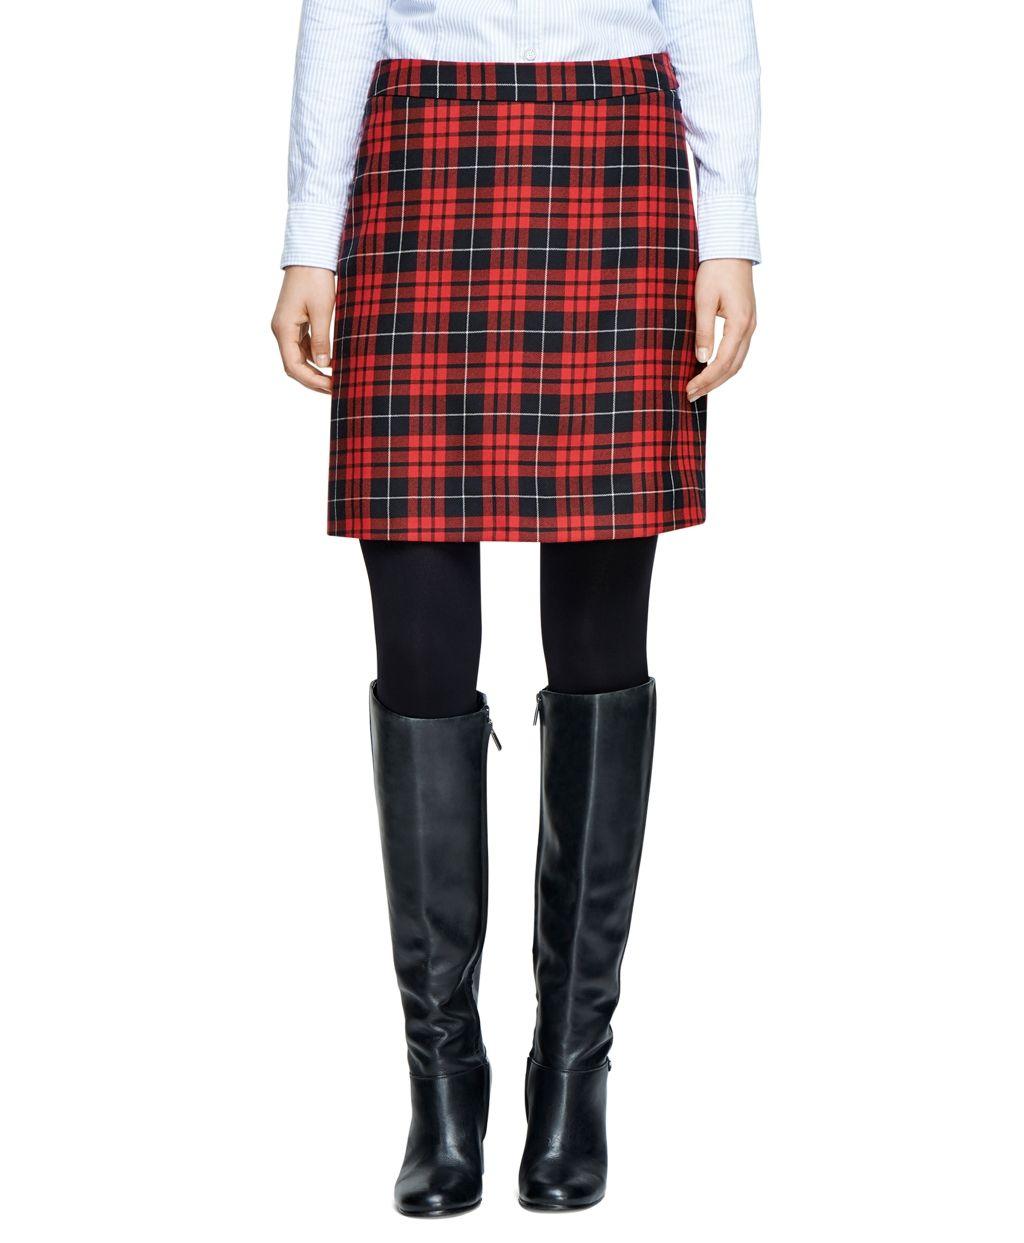 fd69fc13ec Wool Tartan Skirt - Brooks Brothers | Work Wardrobe | Skirts ...